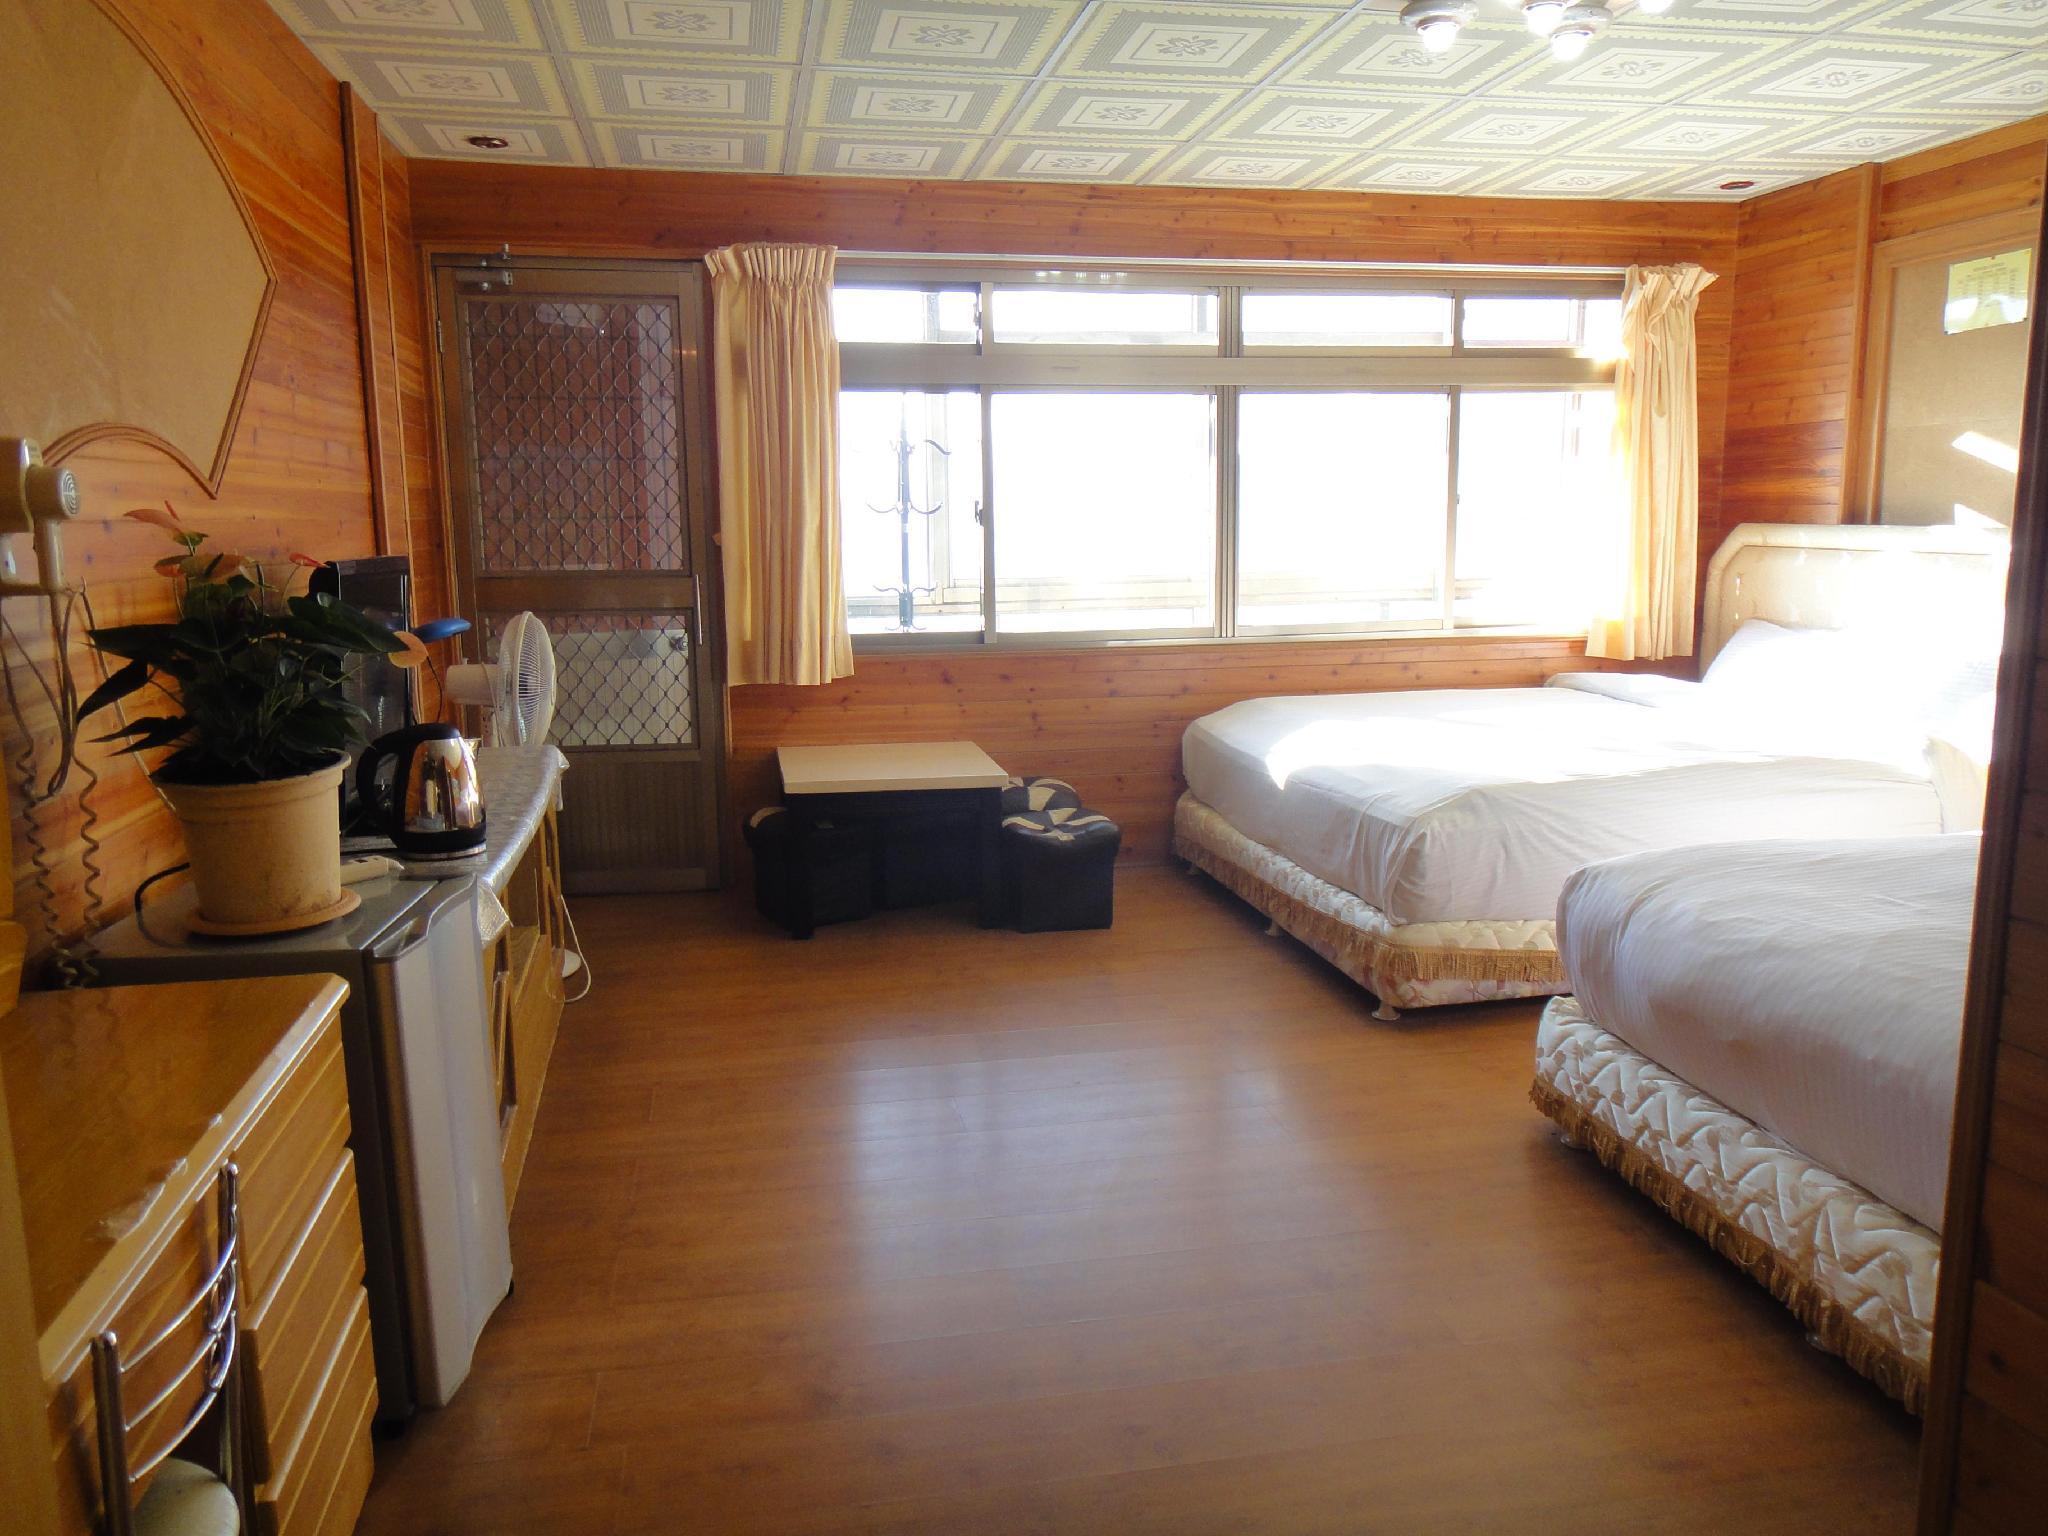 Bunbury Fruit Ranch Bed and Breakfast in Nantou - Room Deals